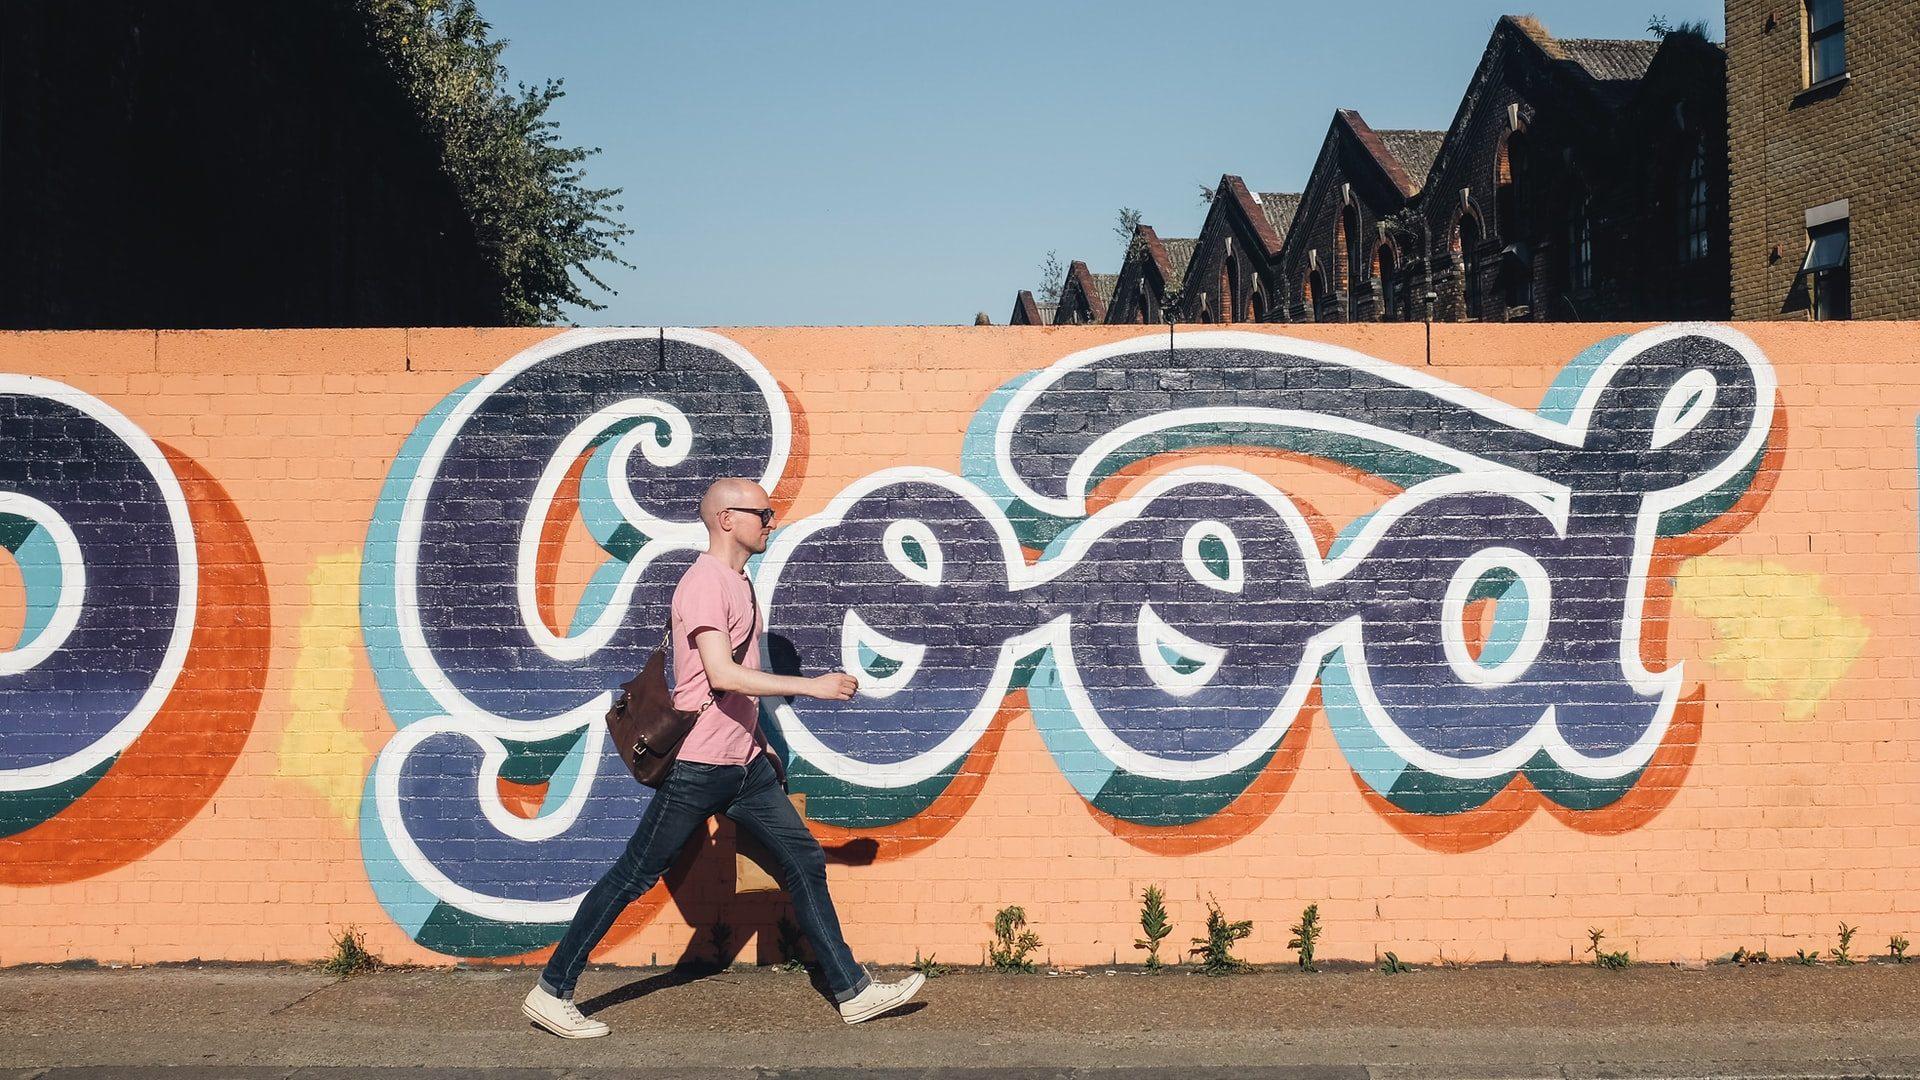 「GOOD」の壁紙の横を男性が歩いている